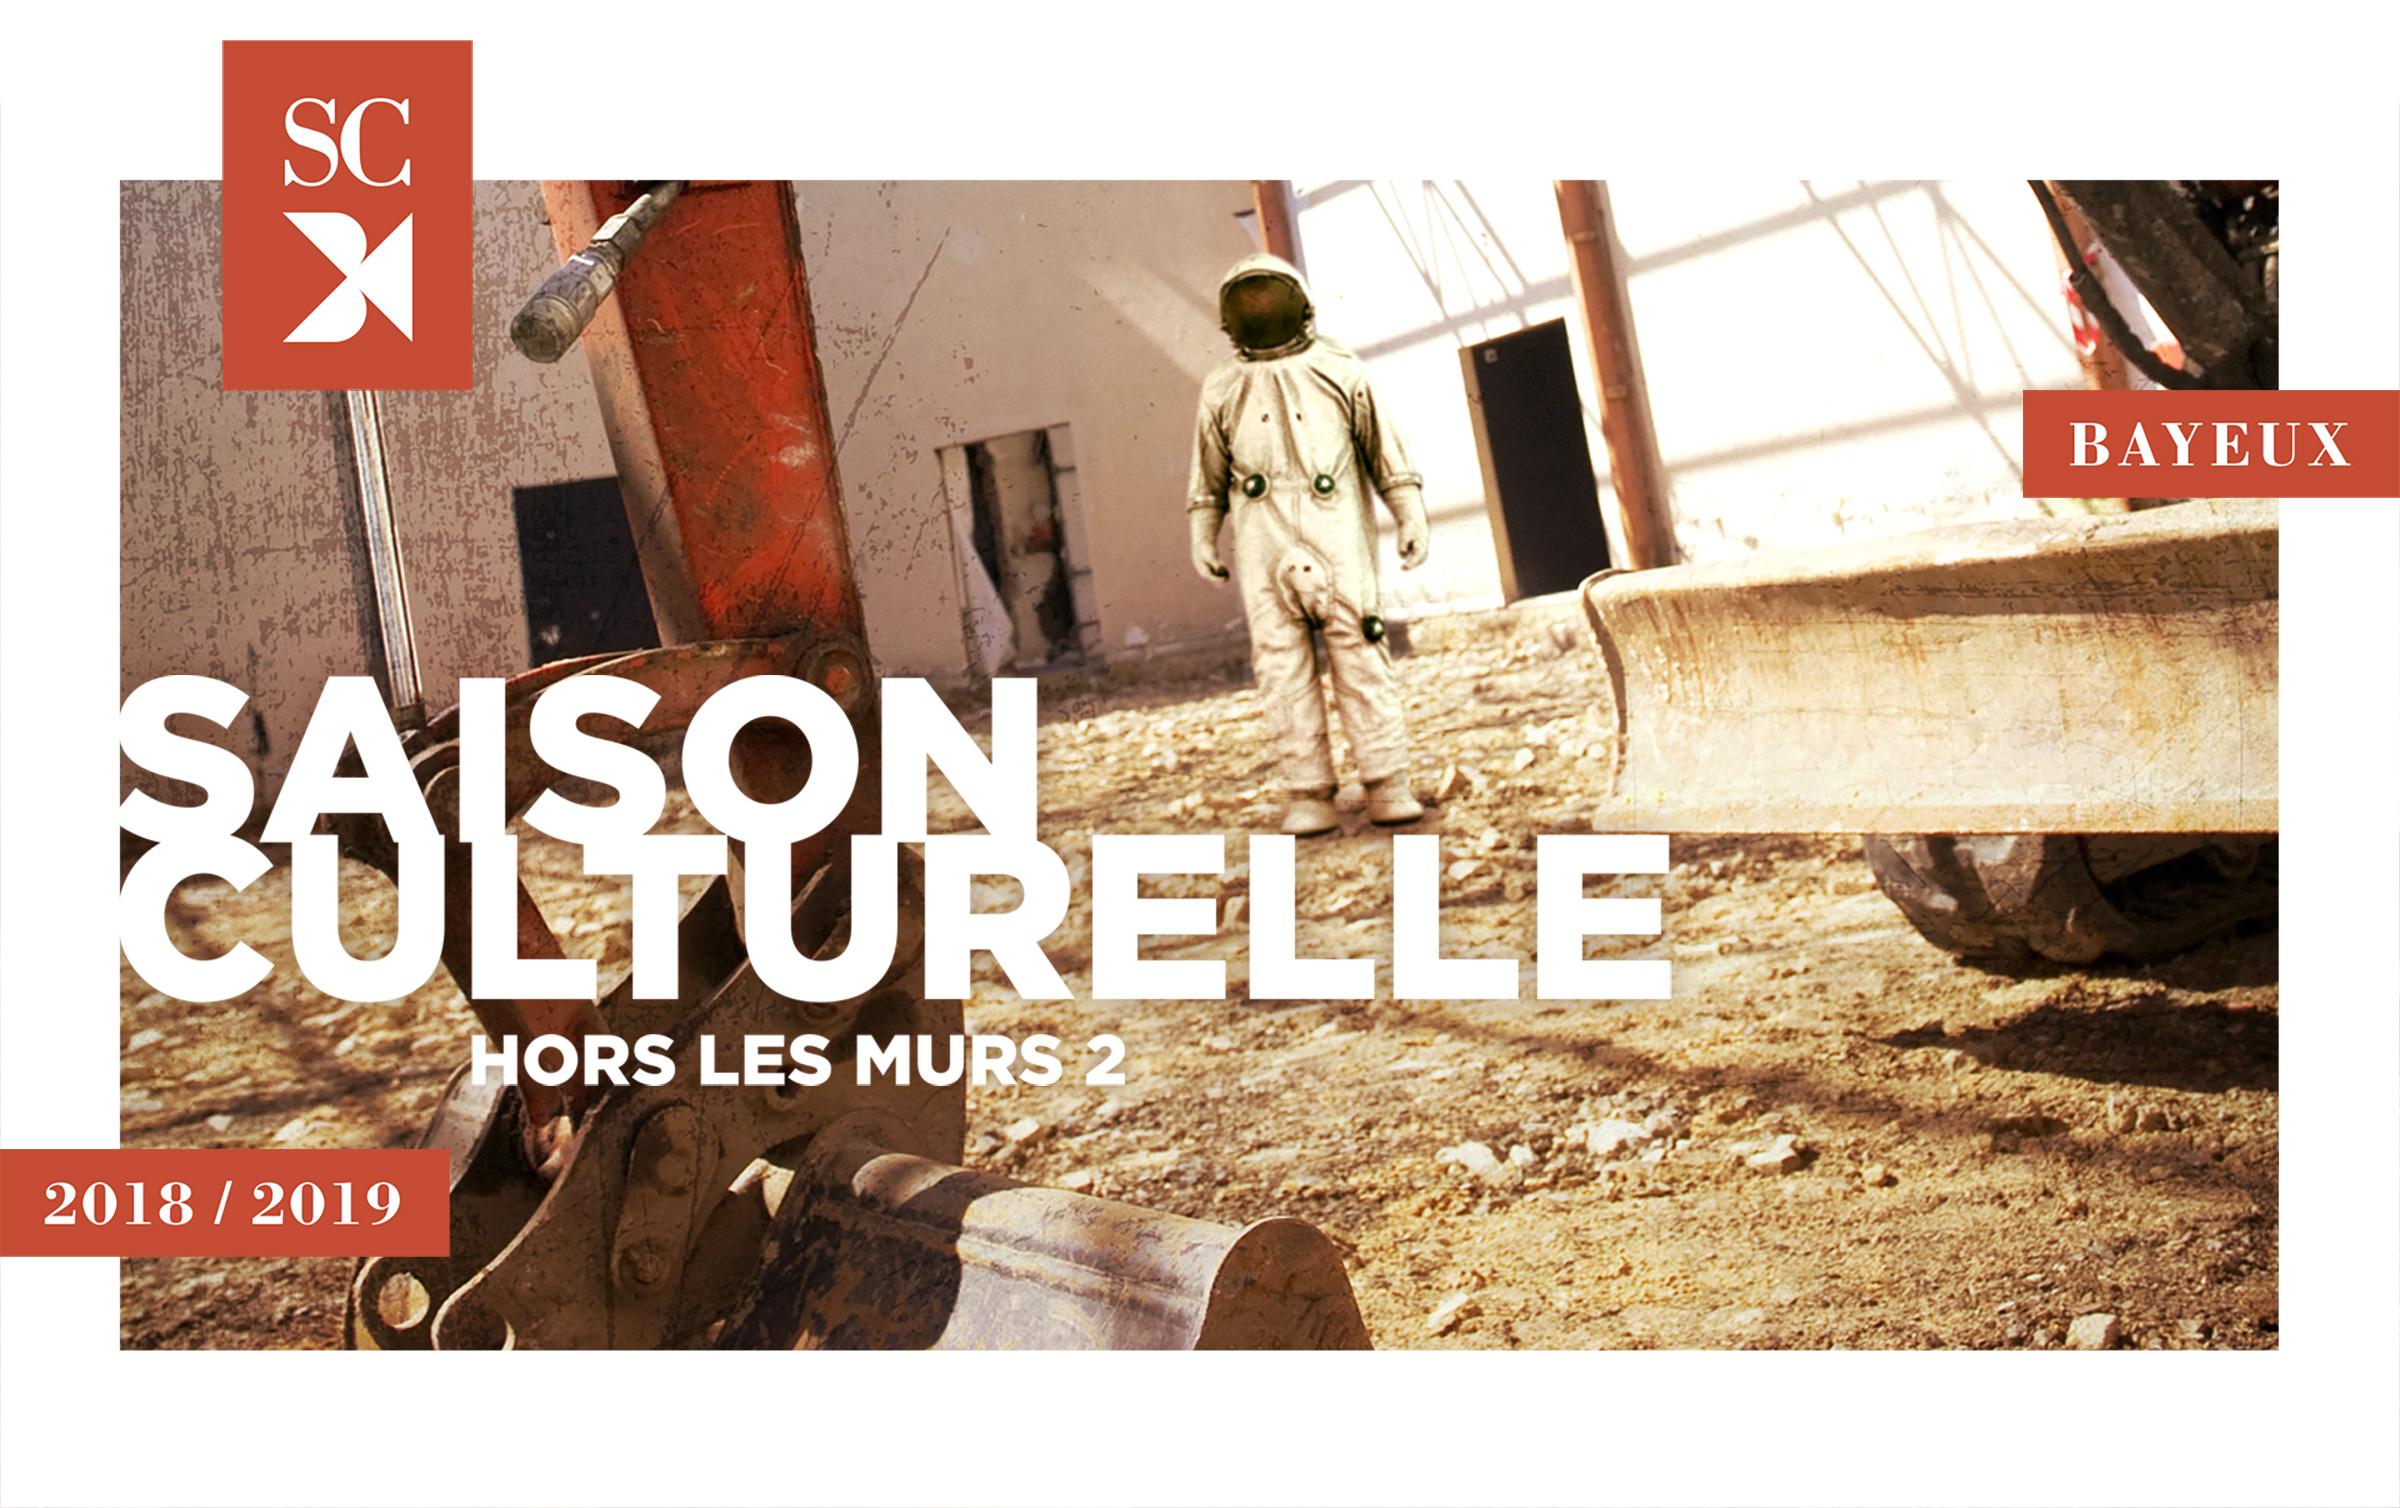 Visuel astronaute saison culturelle de Bayeux